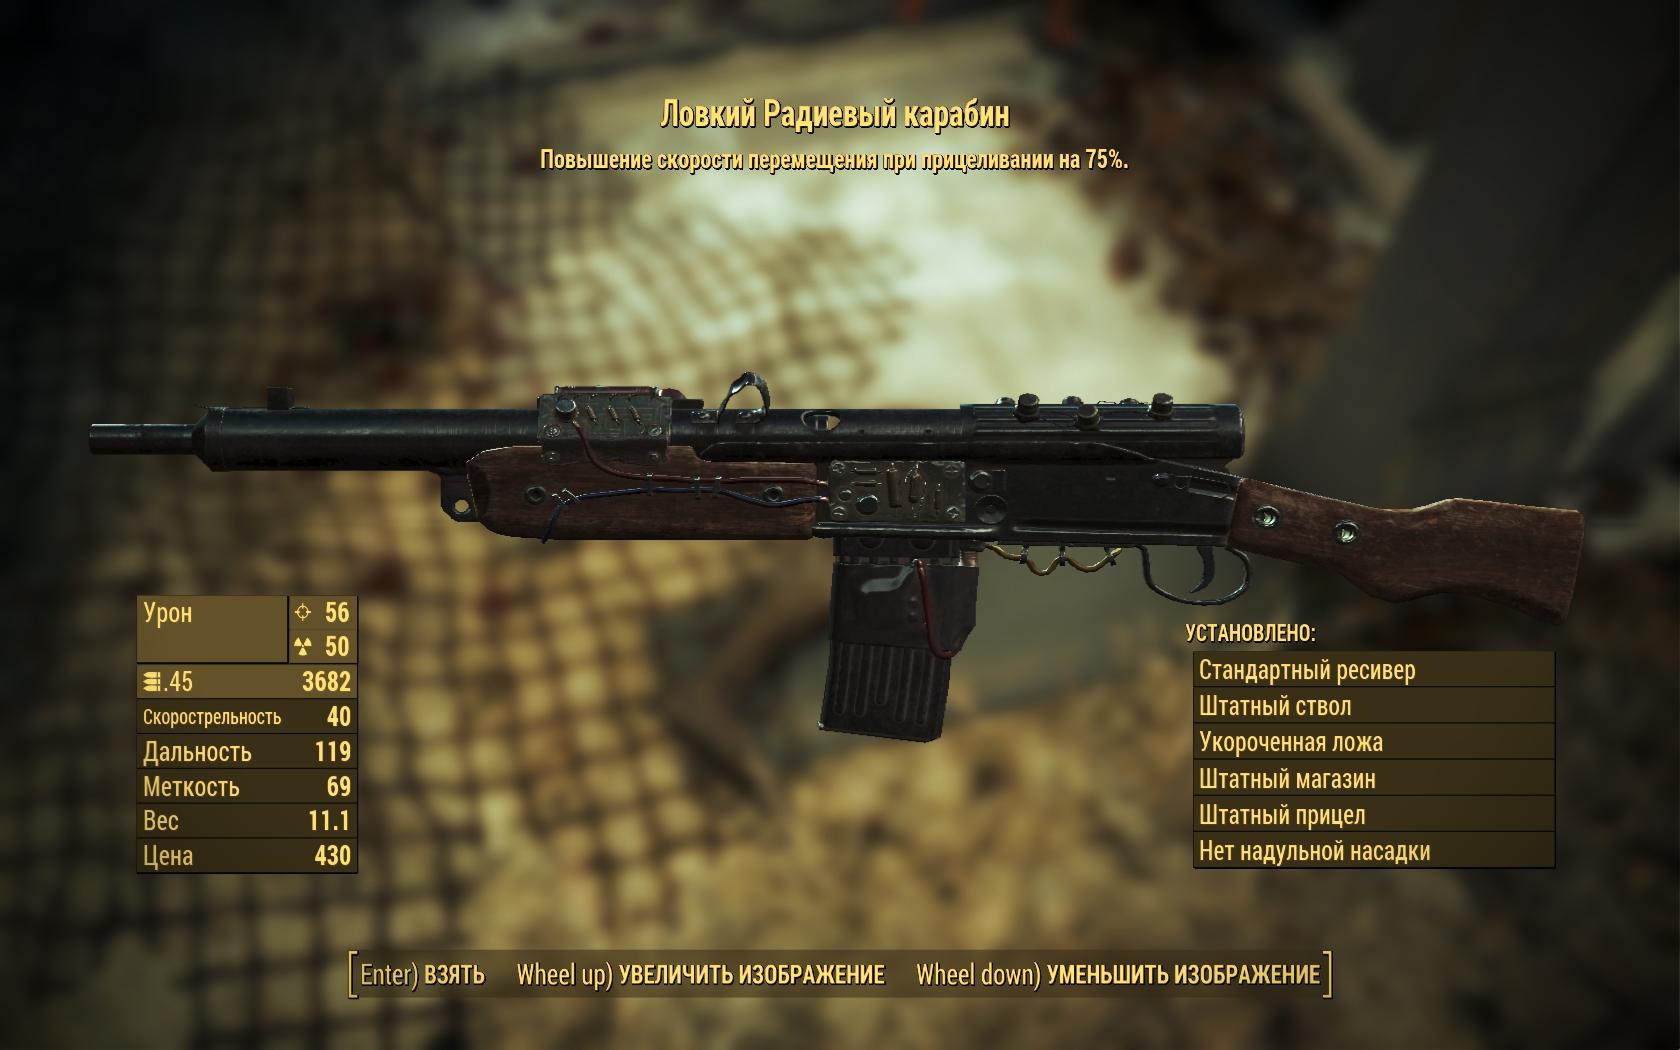 карабин - Fallout 4 Ловкий, Оружие, радиевый